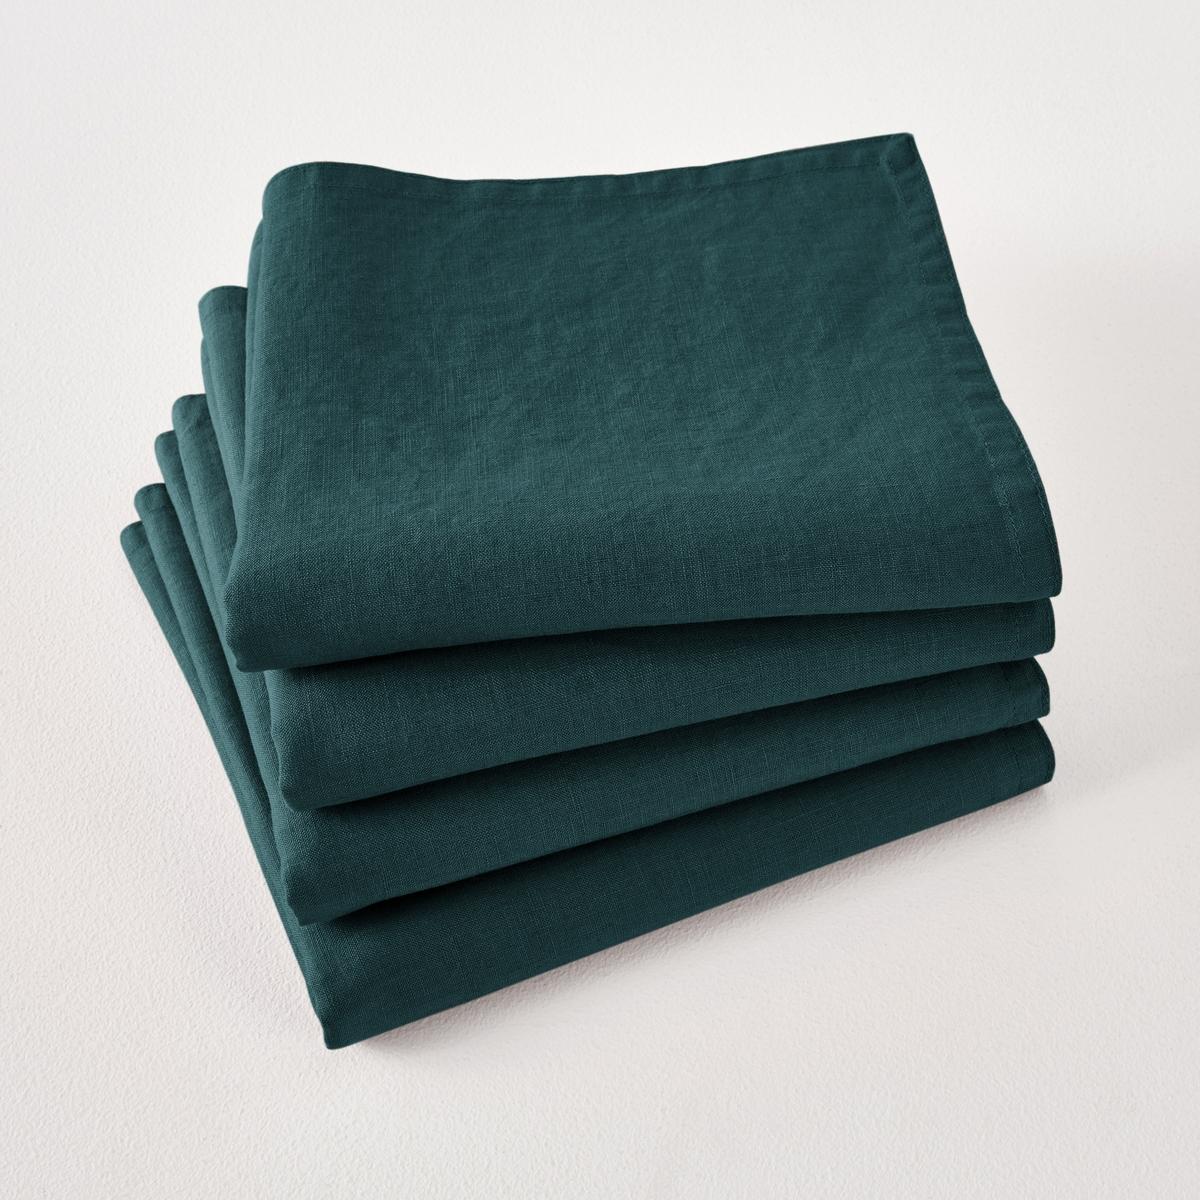 Комплект из салфеток Victorine La Redoute Из осветленного льна 45 x 45 см зеленый комплект из салфеток из la redoute льна и хлопка border 45 x 45 см бежевый